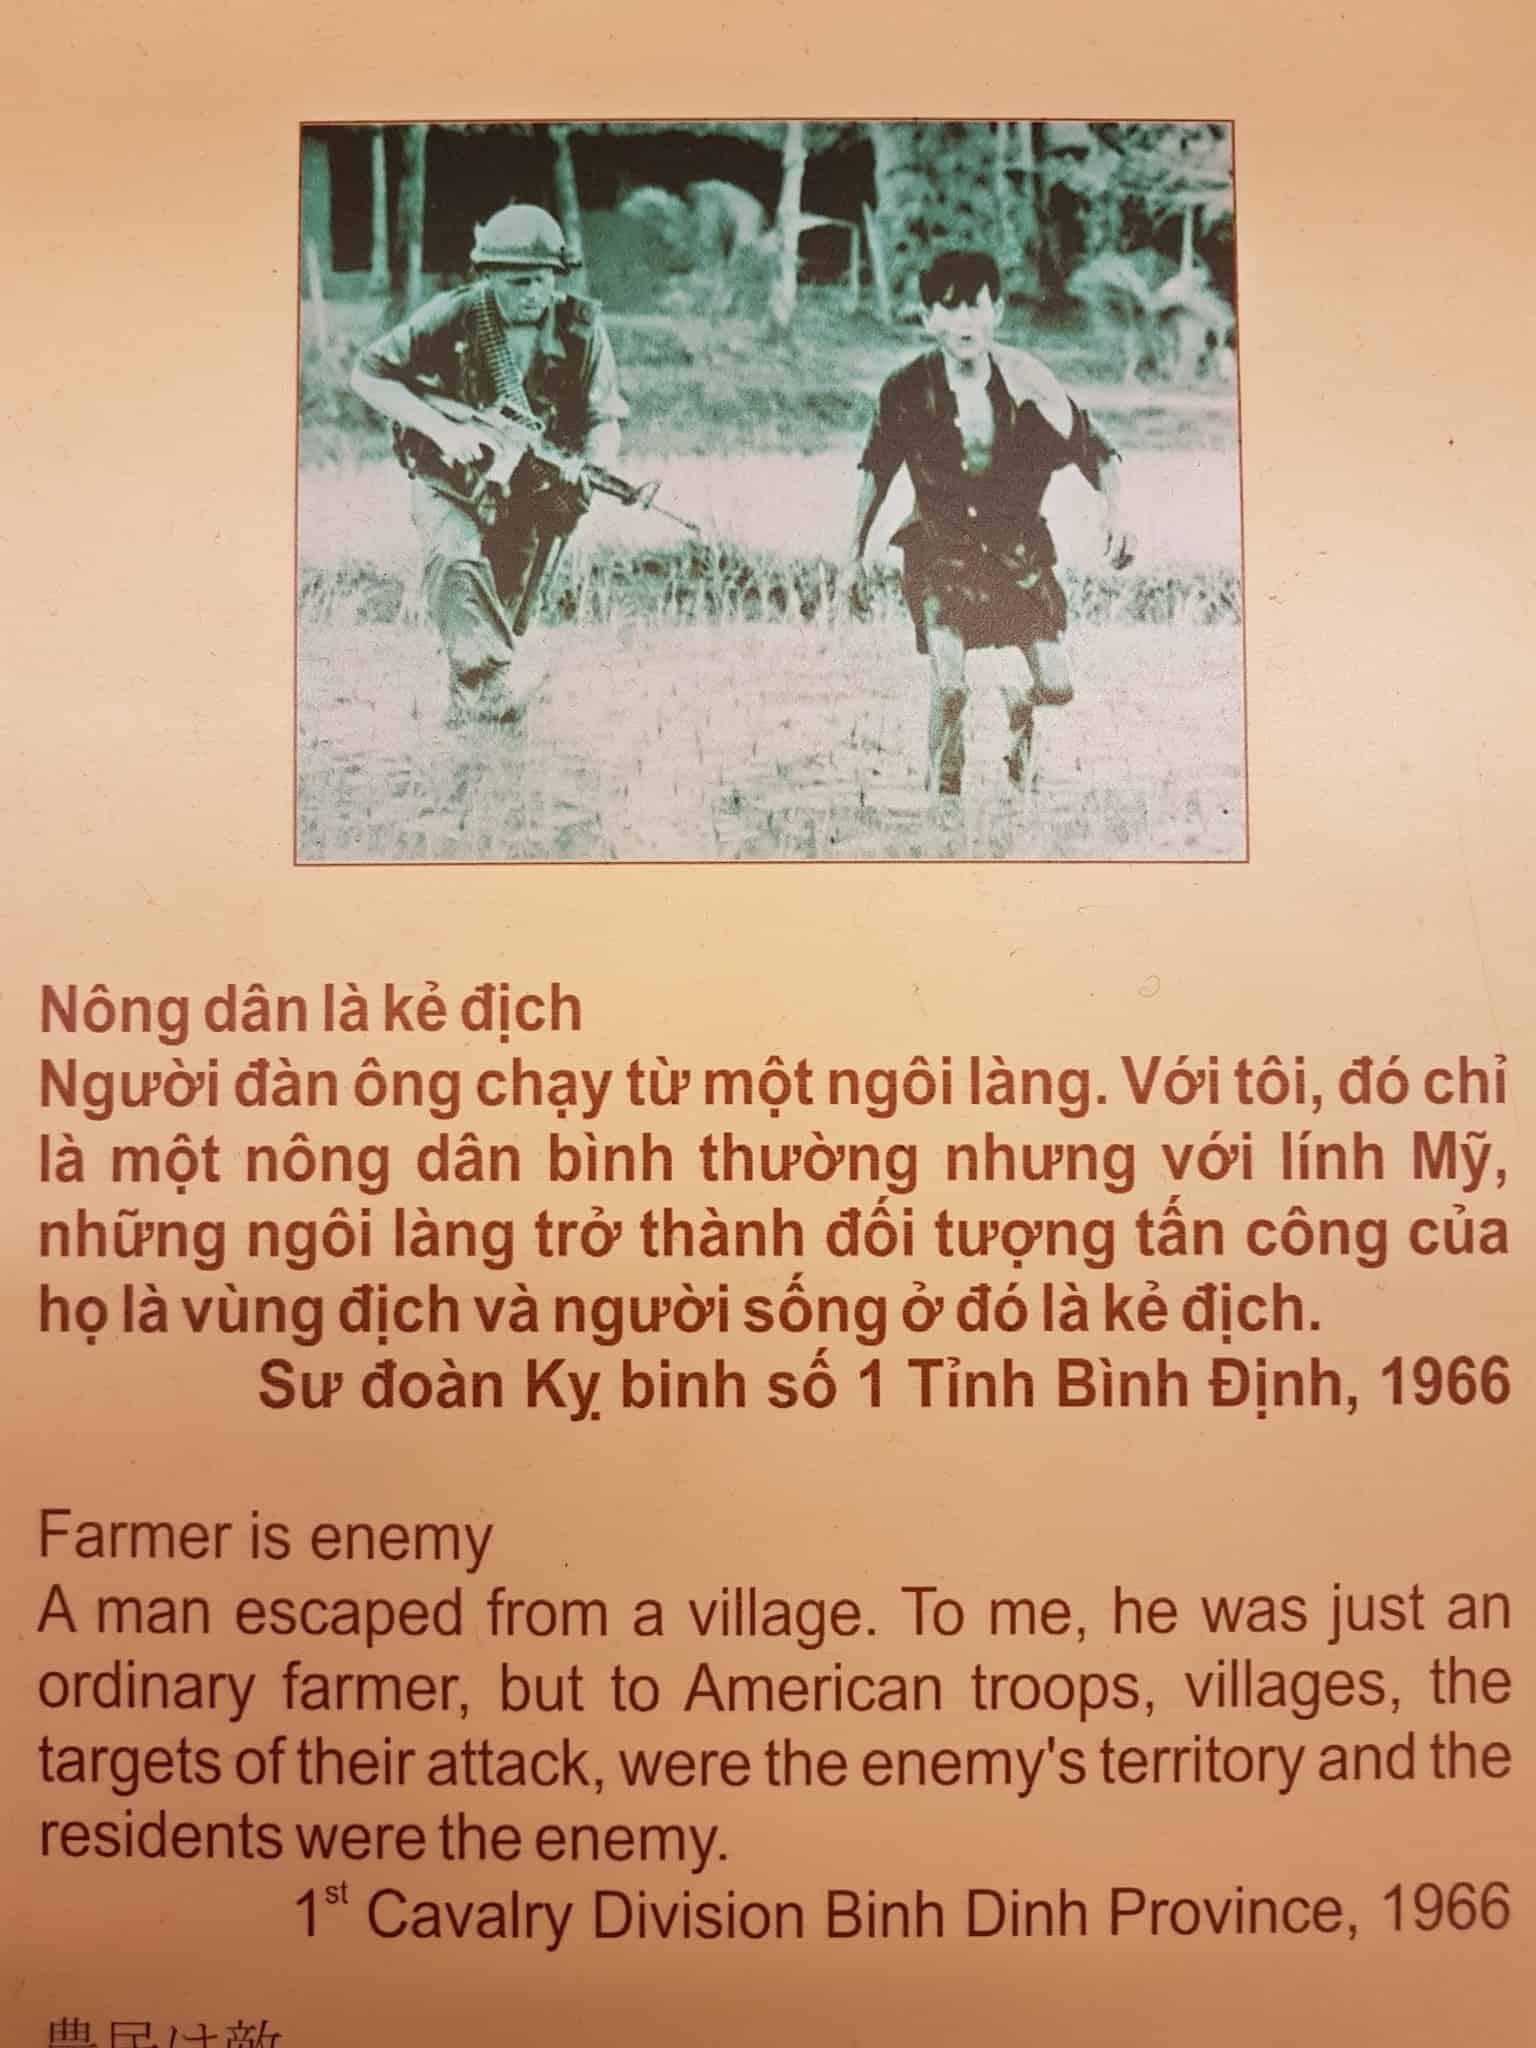 Vietnam, on visite le Musée des Vestiges de Guerre pour comprendre l'histoire du pays 📖 10